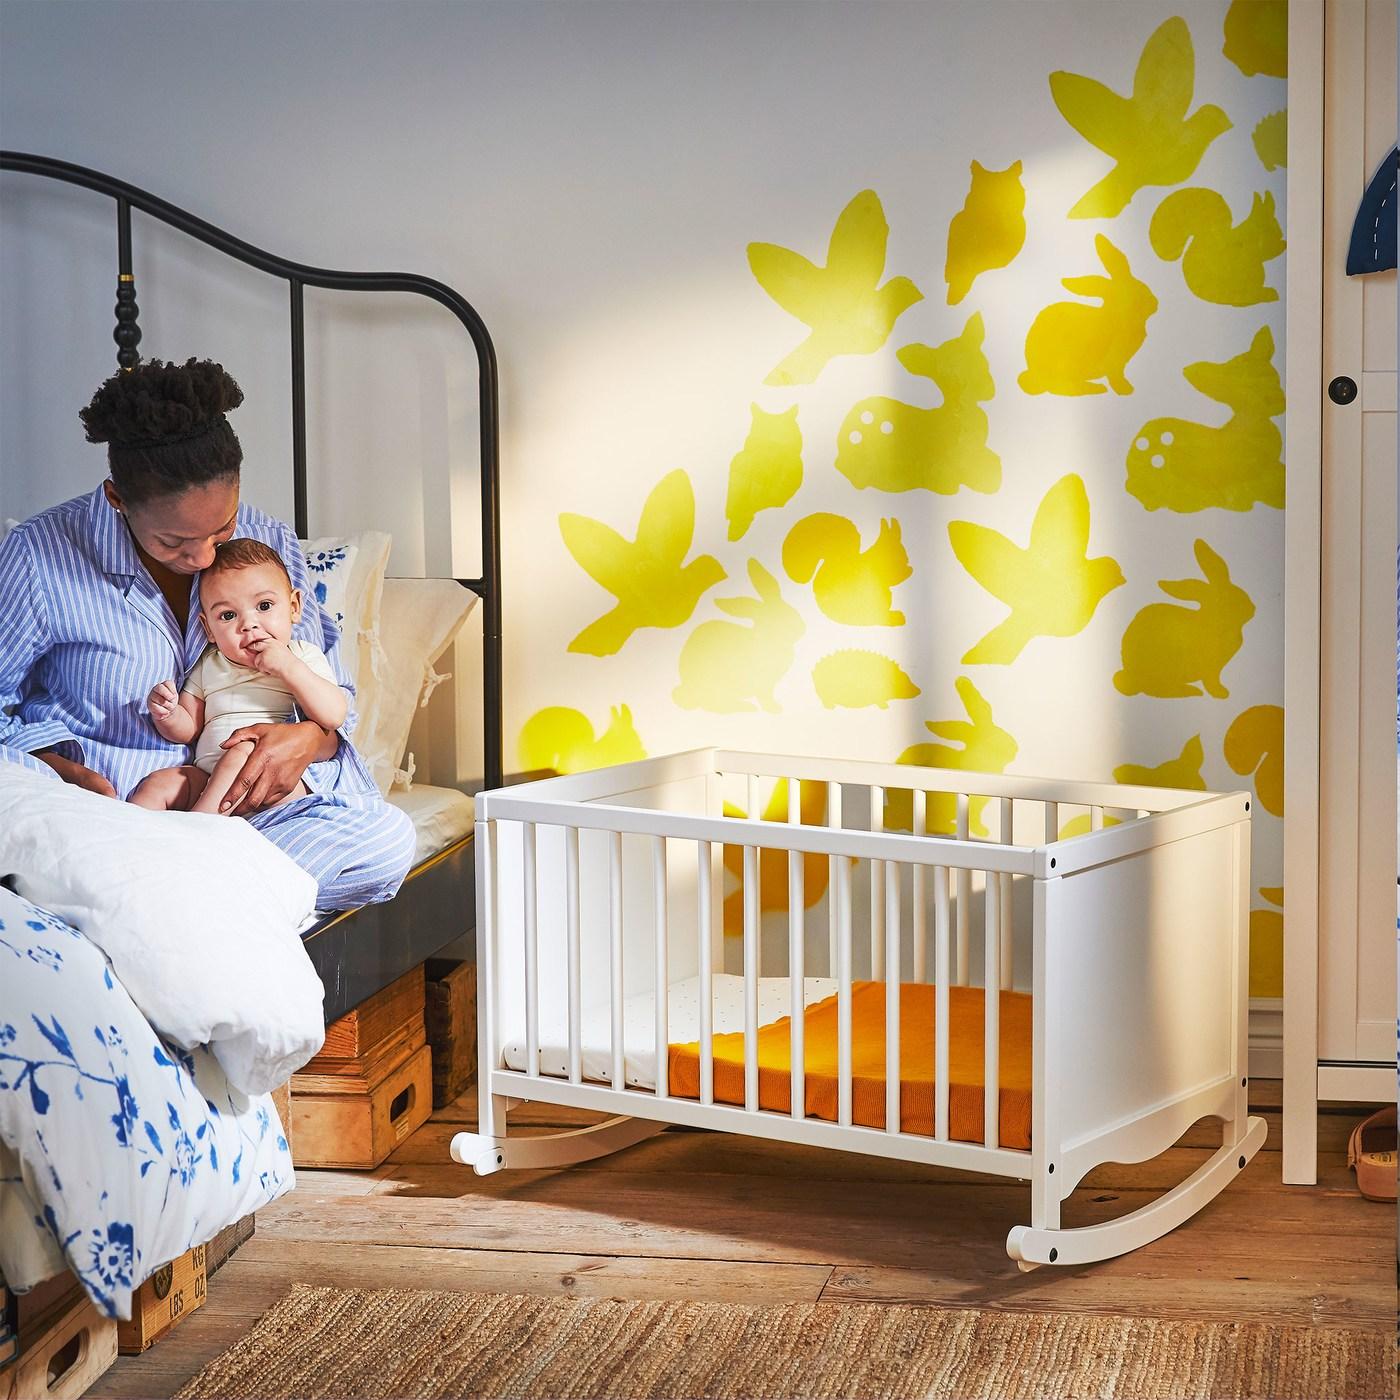 Vrouw en baby zitten op bed naast een witte houten SOLGUL wieg met ronde spijlen en afgeronde randen.